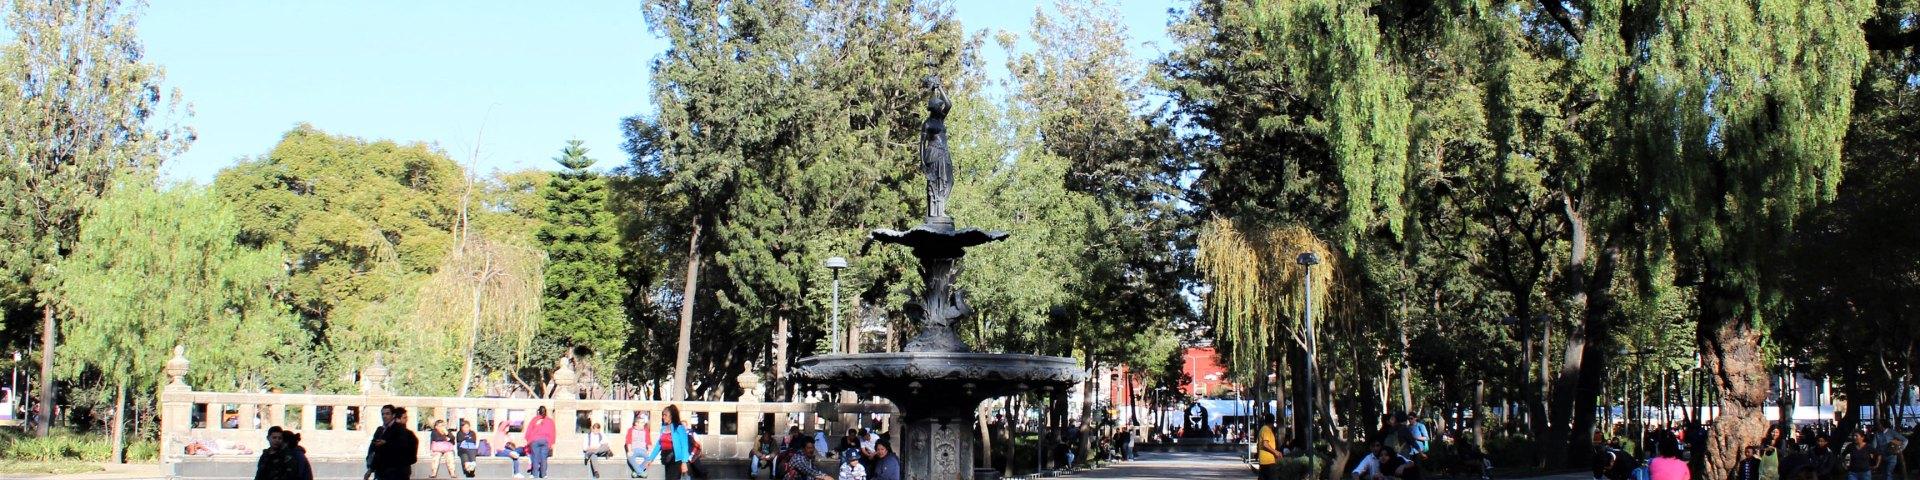 Fuente de las Américas, ubicada al centro de la Alameda Central de la Ciudad de México